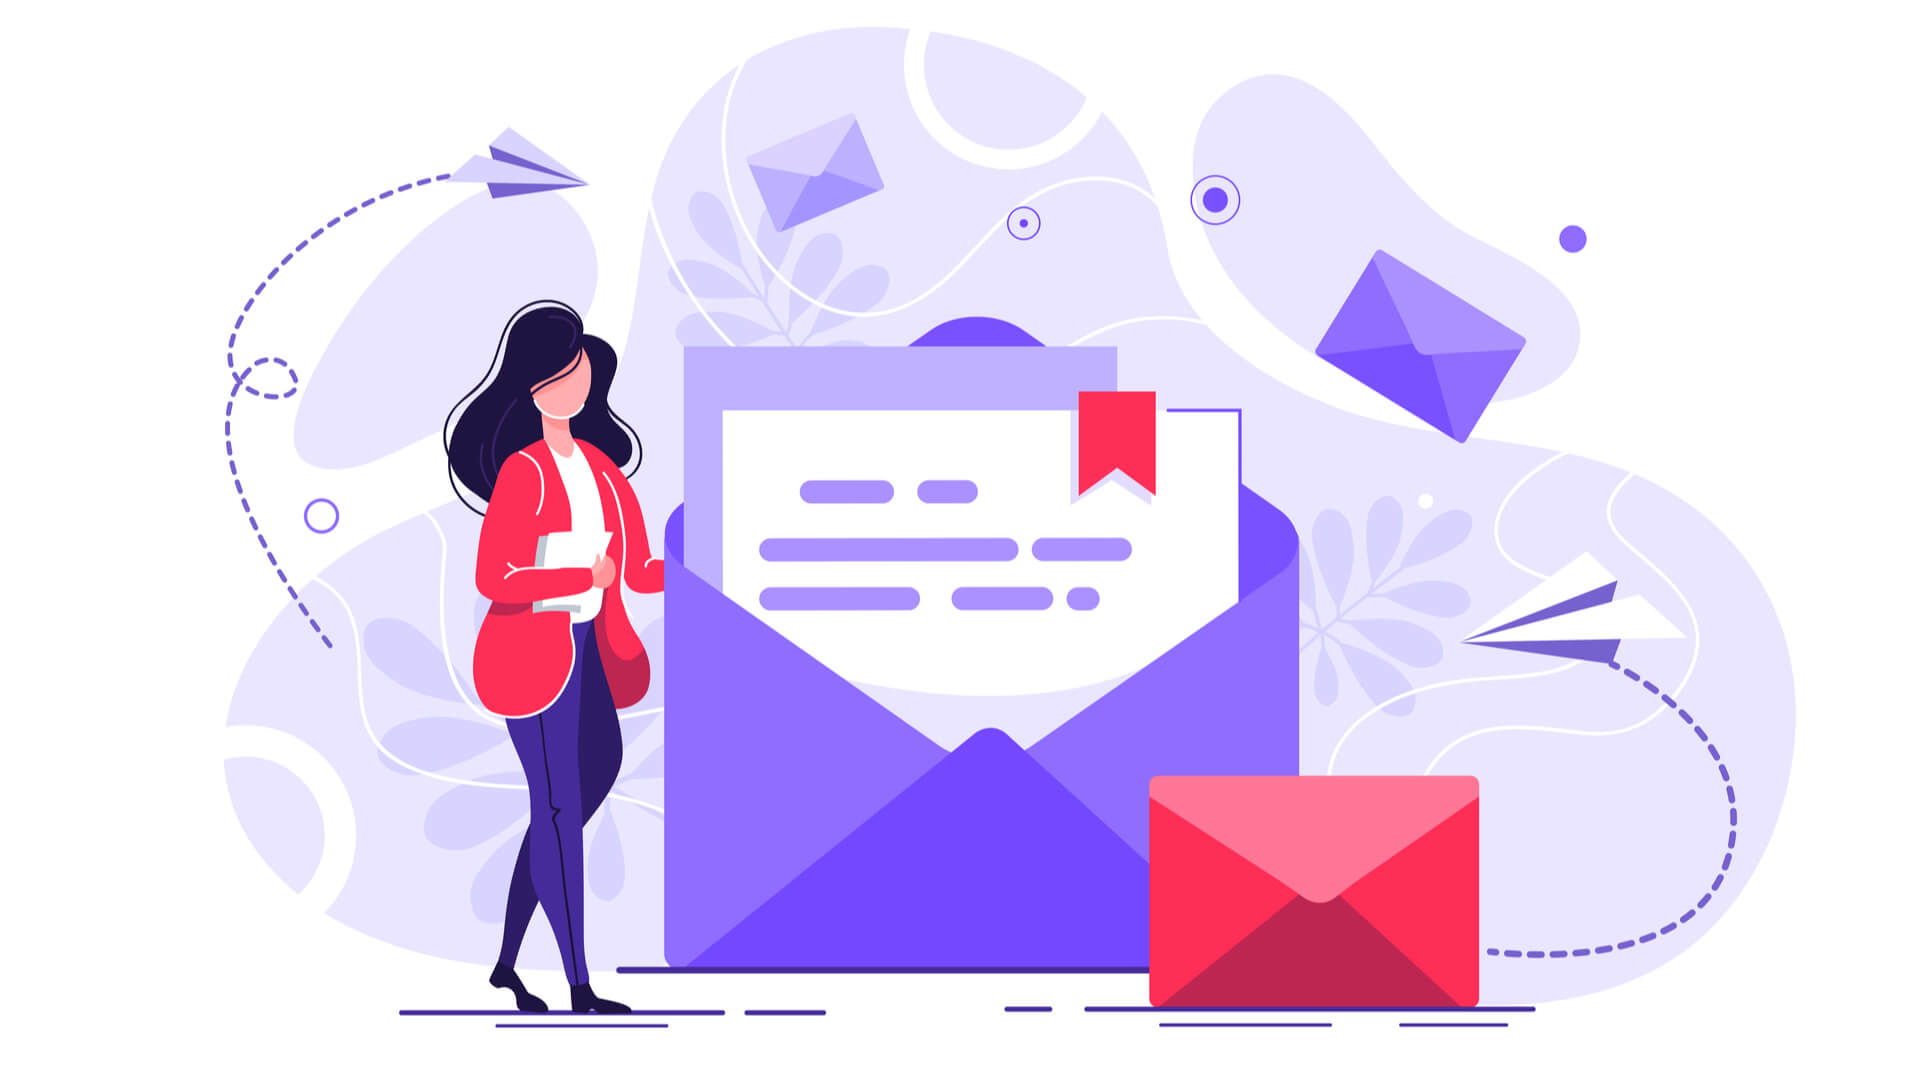 【稼げるフリーランスに共通してた○○】フリーランスの営業メールの効果的な書き方とは?